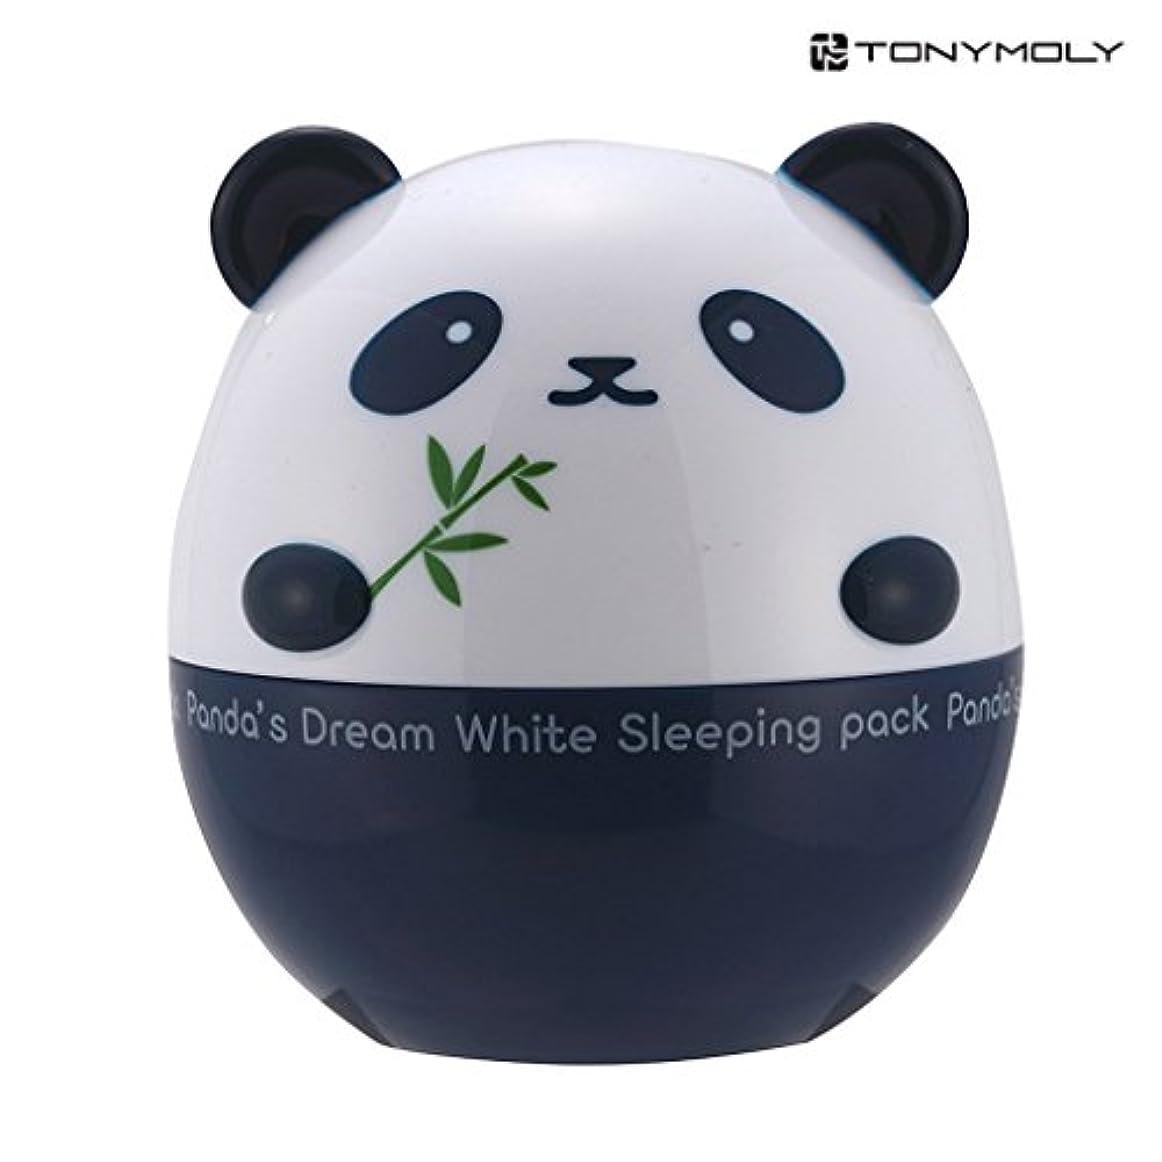 期待通行人プレーヤーTonyMoly トニーモリー パンダズ?ドリーム?ホワイト?スリーピング?パック 50g (Panda`s Dream White Sleeping Pack) 海外直送品